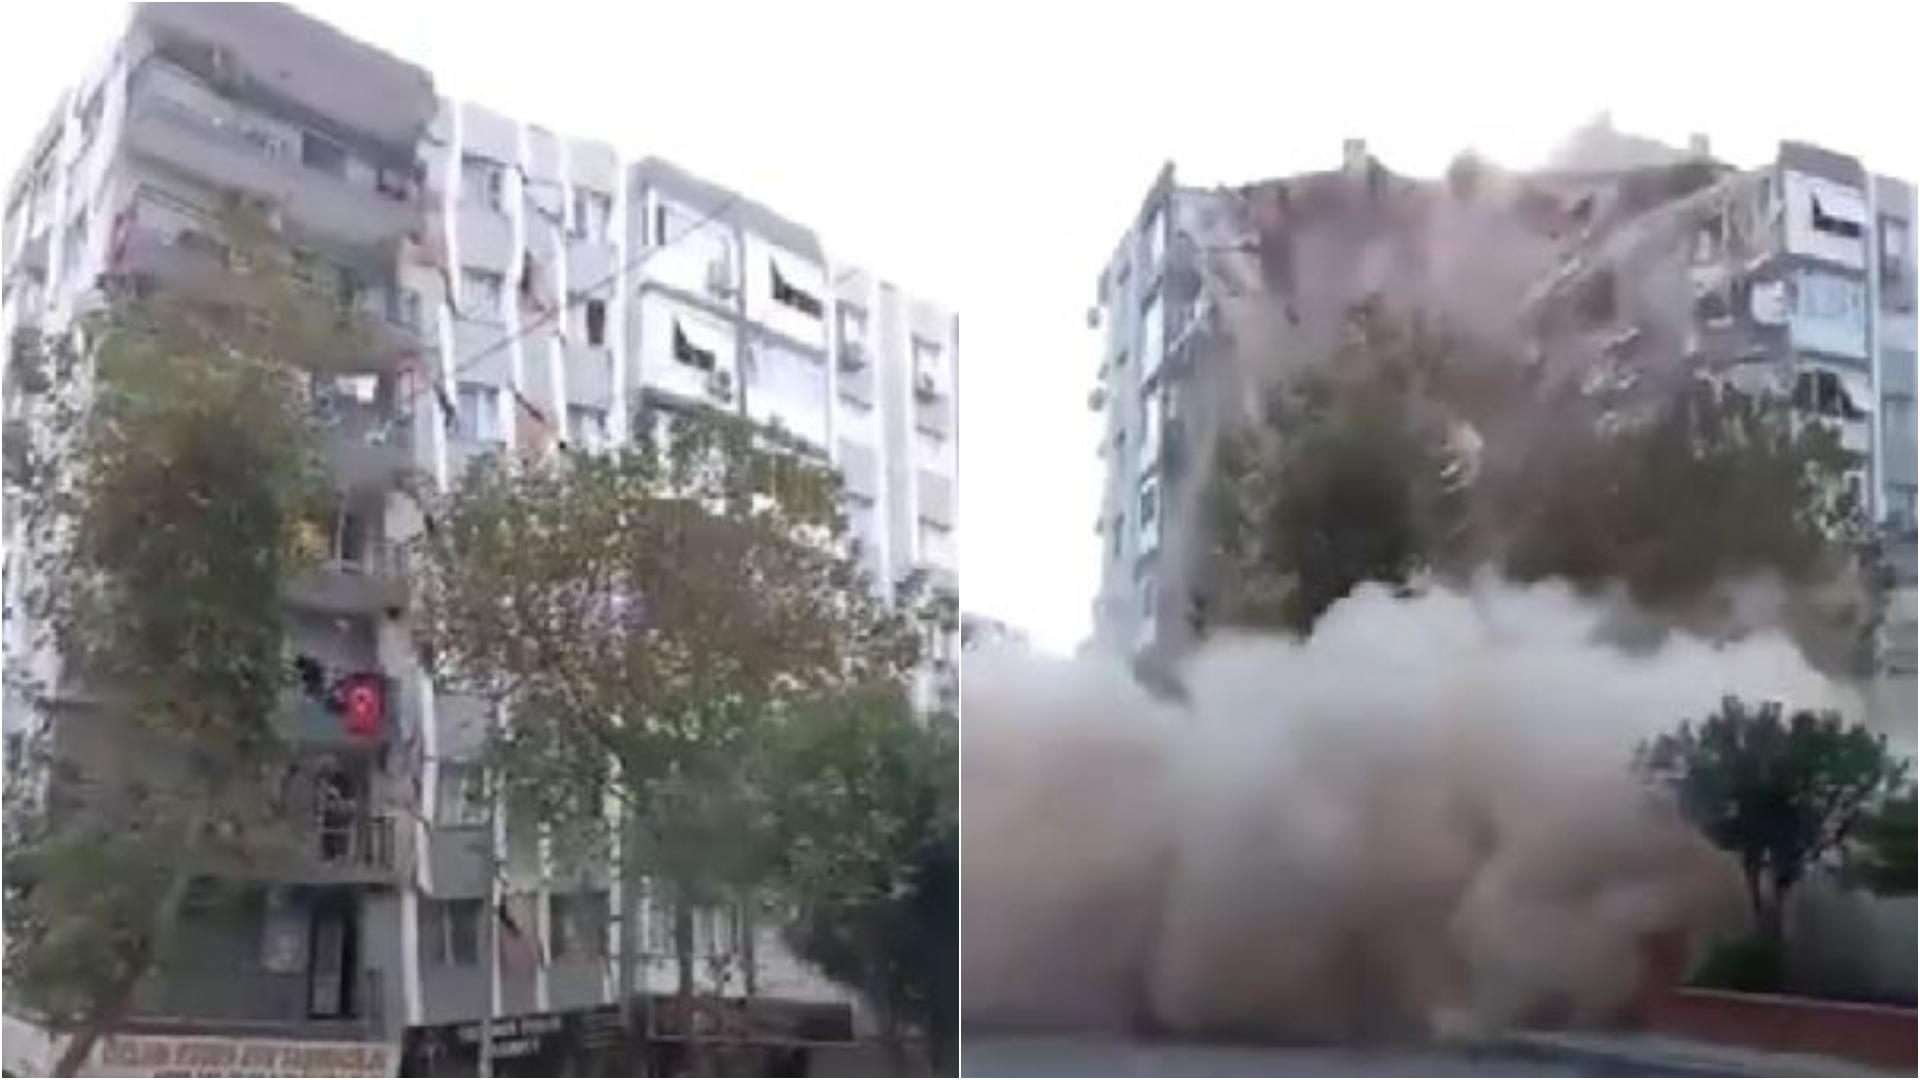 愛情海7.0強震,逾20建築物倒塌。(圖/翻攝自Twitter) 愛琴海7.0強震!土耳其樓倒釀4死152傷 驚悚畫面曝